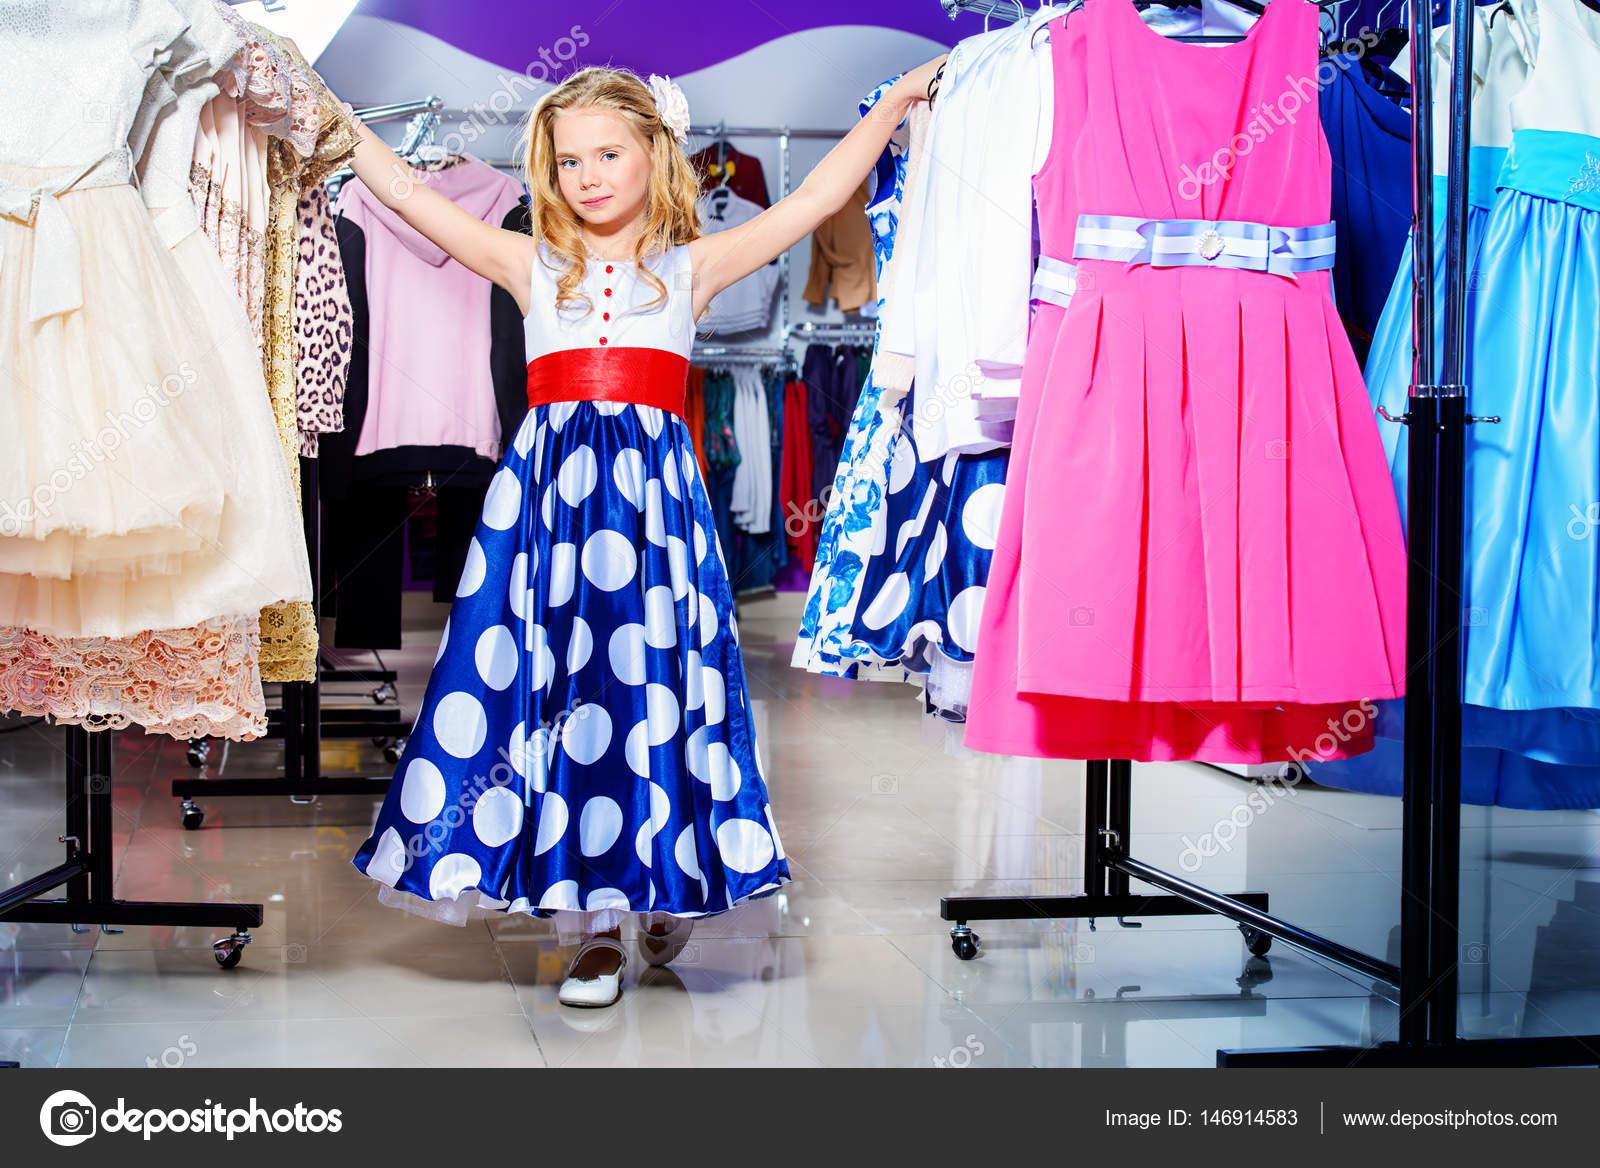 Гарненька дівчинка дитини вибір нове плаття в магазин дитячого одягу.  Сезонні продажу та покупки. Малюка моди — Фото від prometeus 00c93be940542